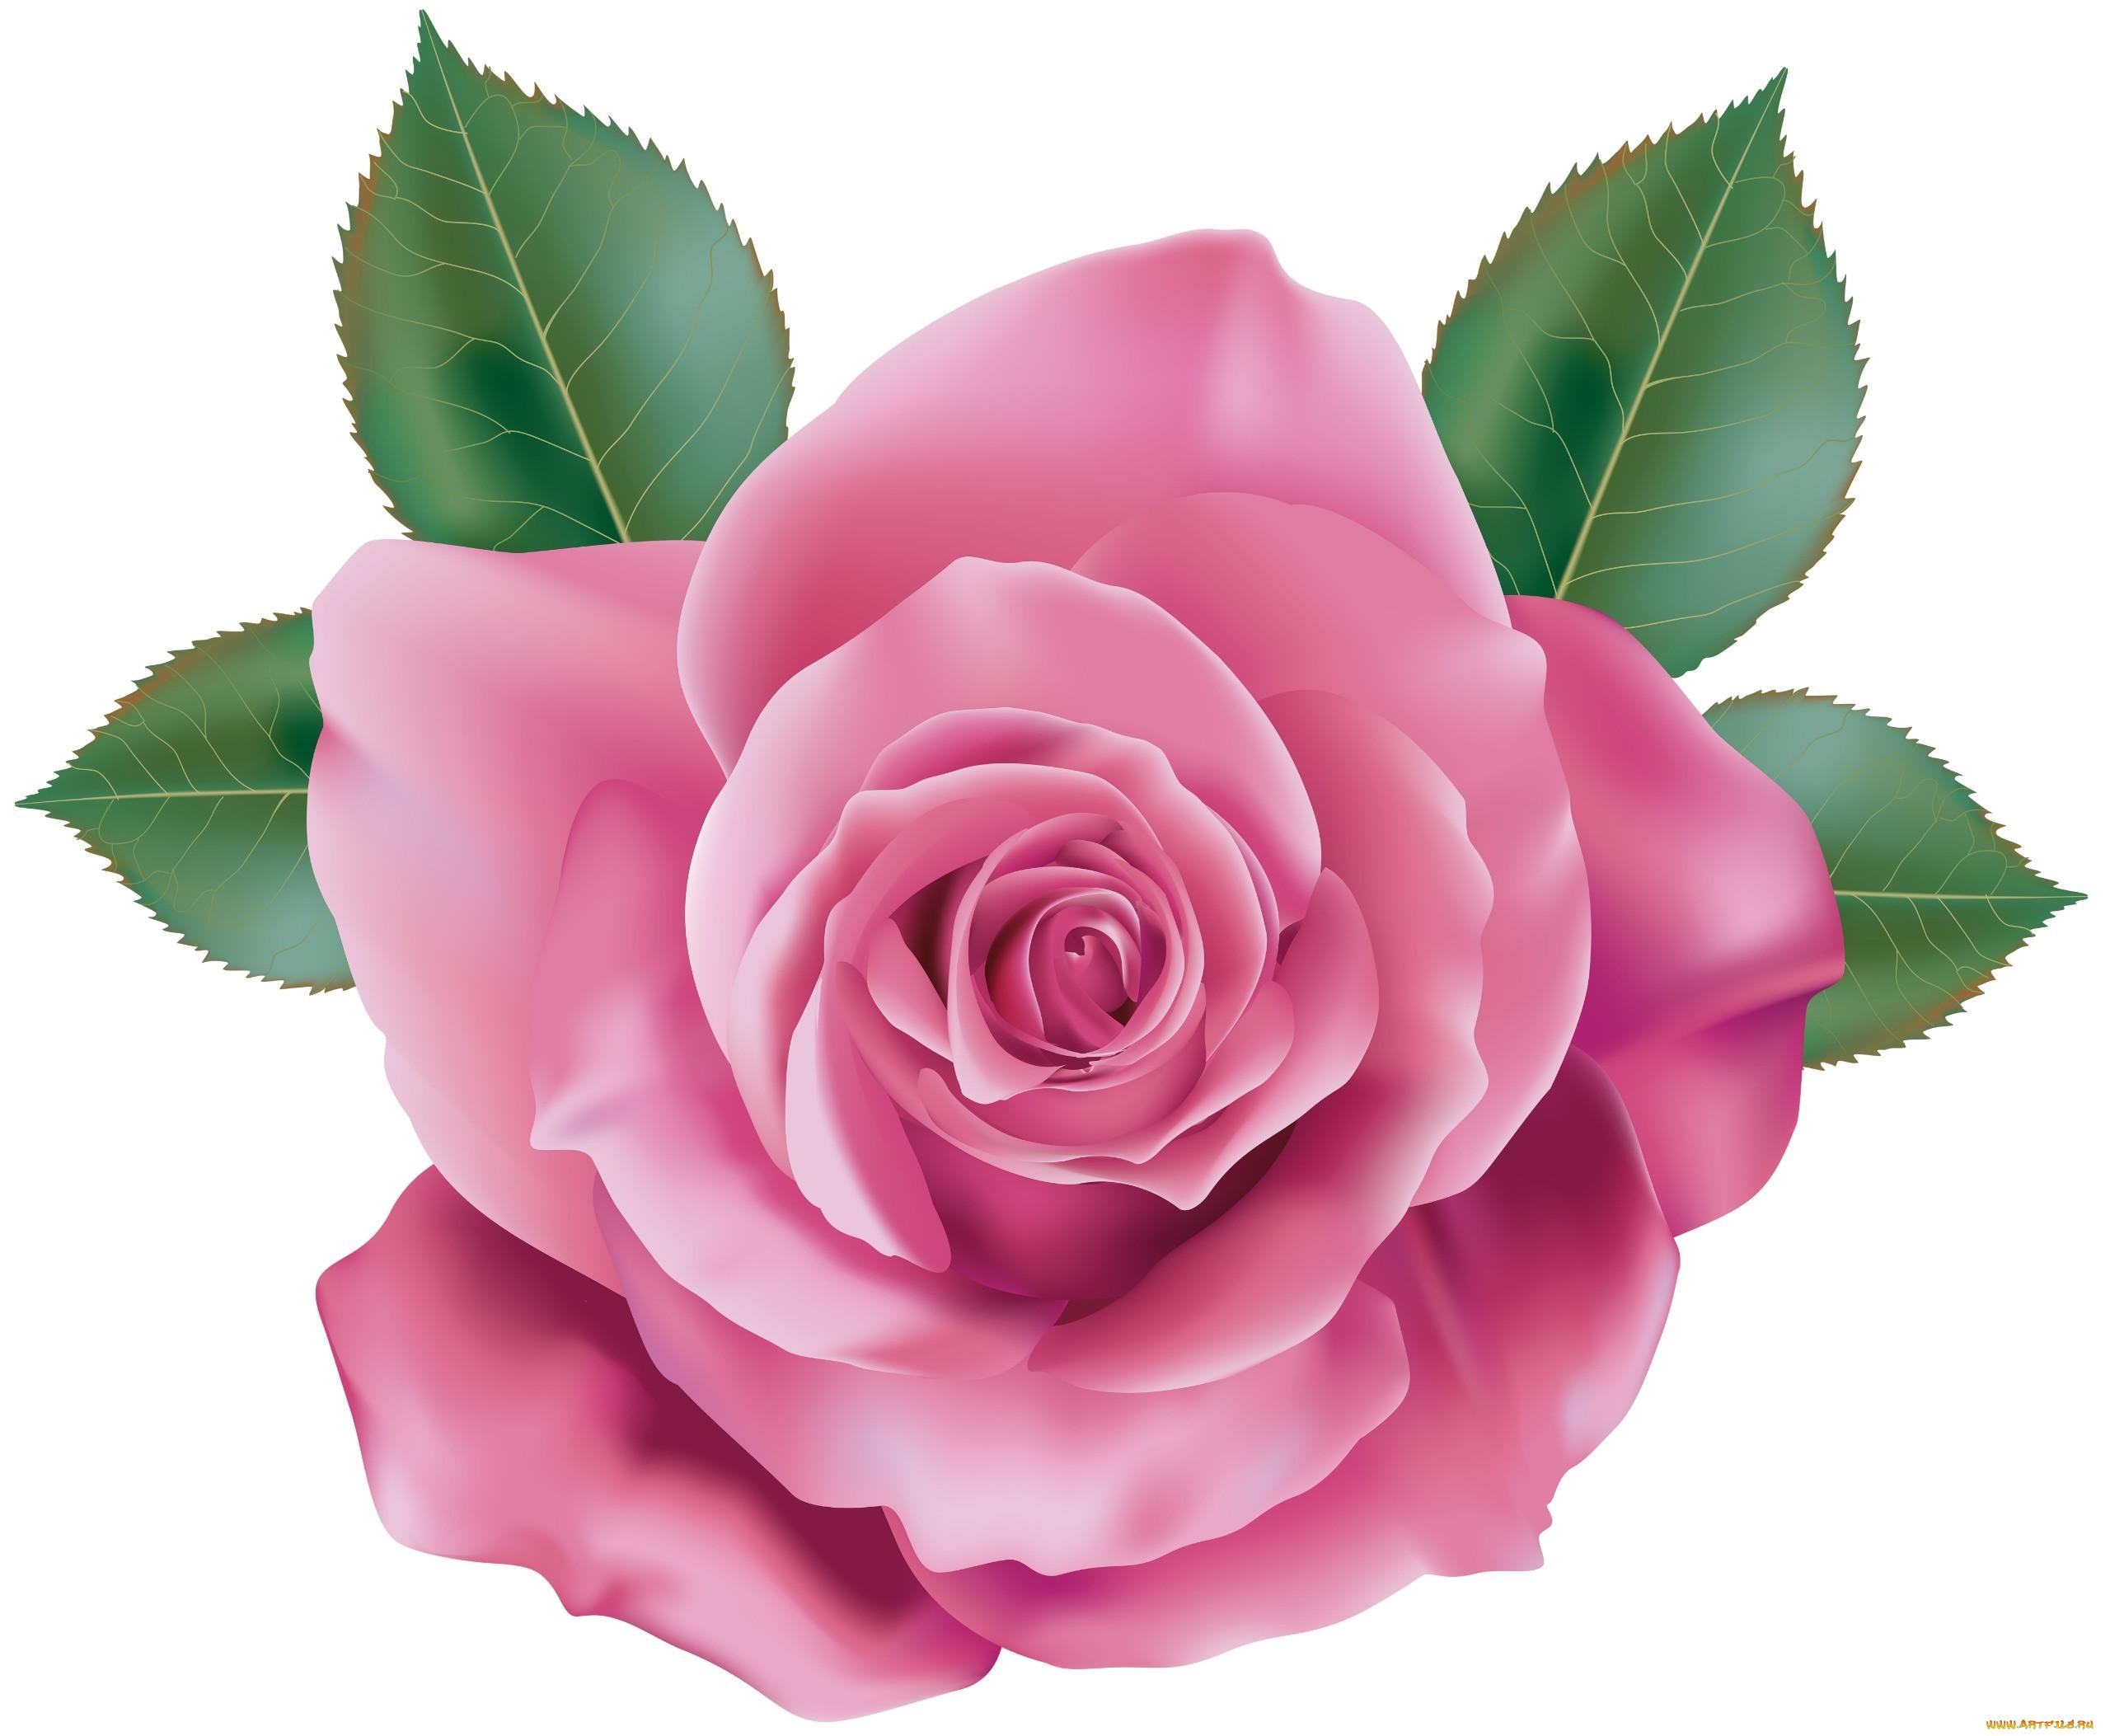 сильной цветы розы картинки на прозрачном фоне начинка